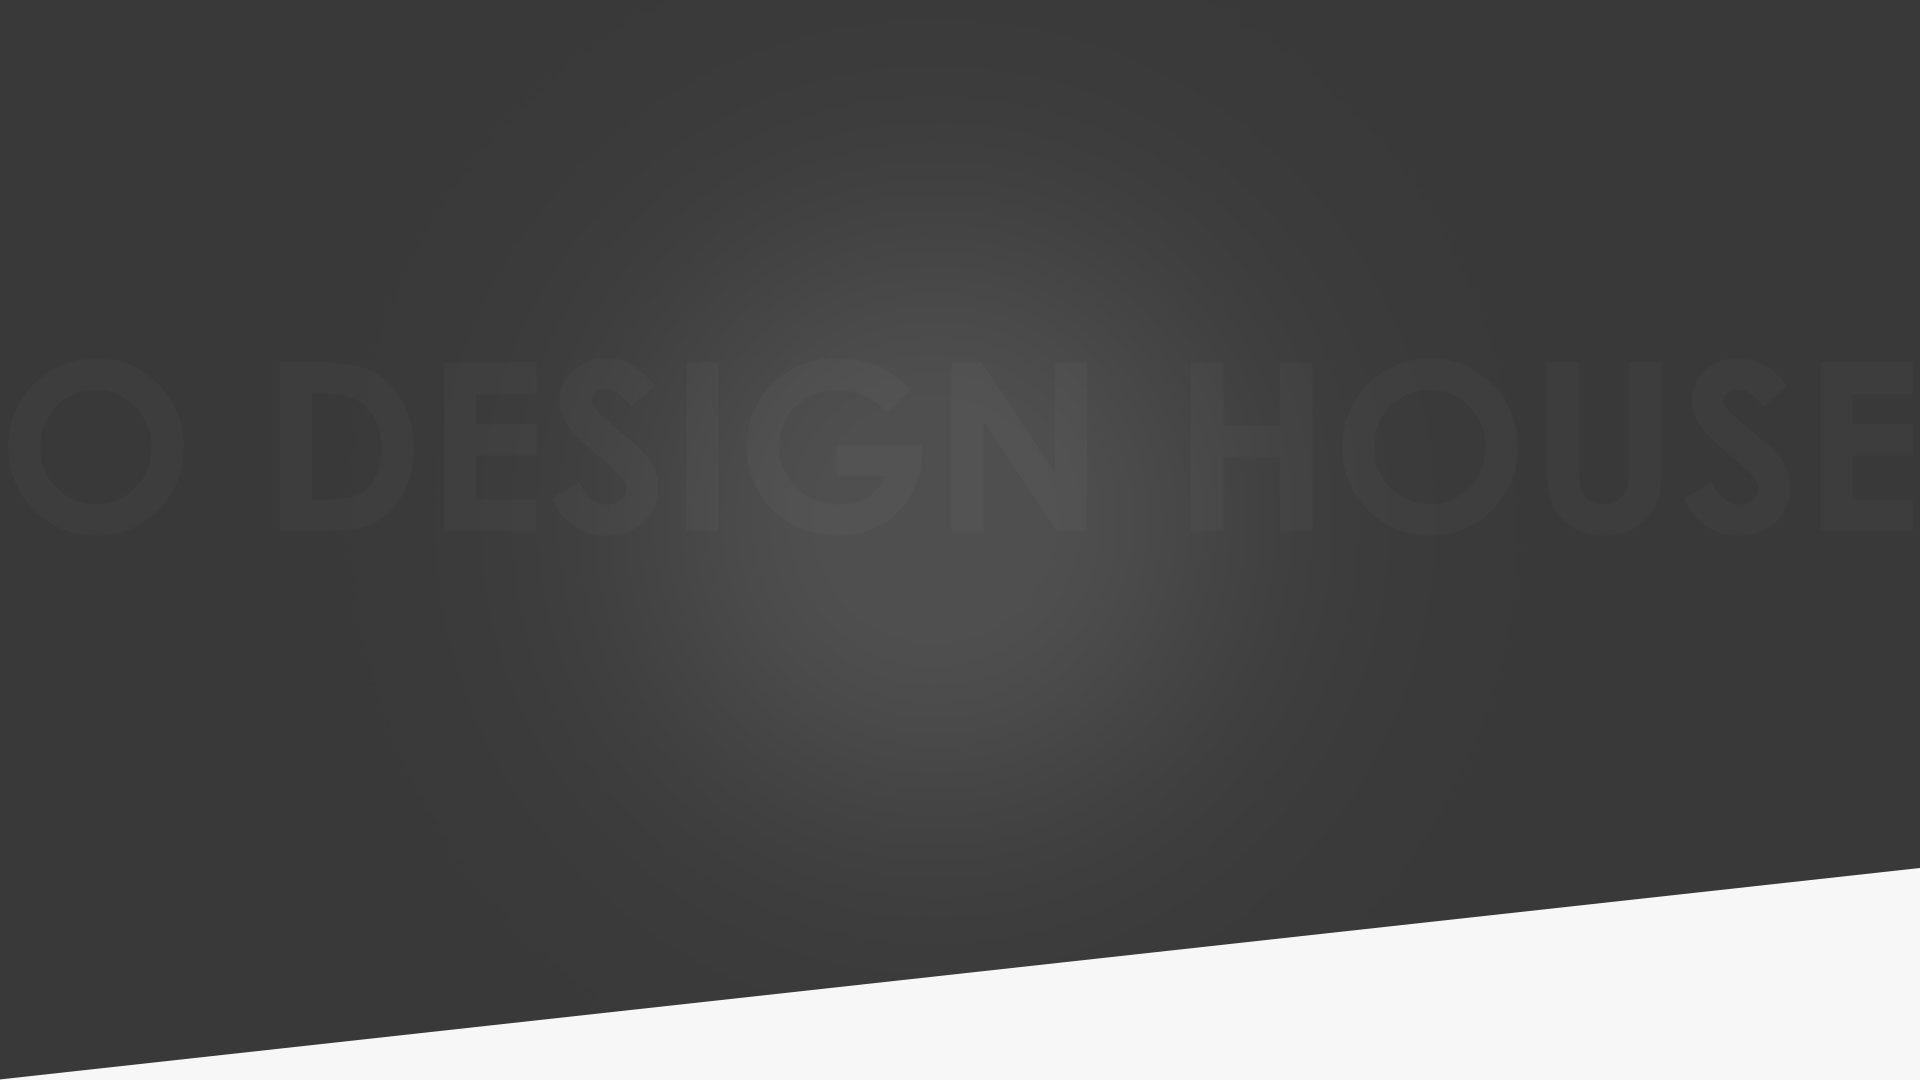 odesign-house-gradient-gray-bg